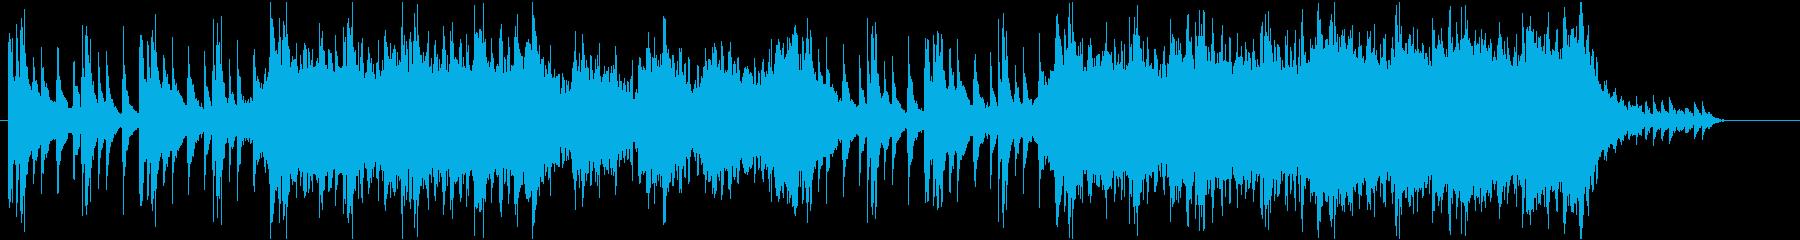 シタール/民族/オーケストラの再生済みの波形